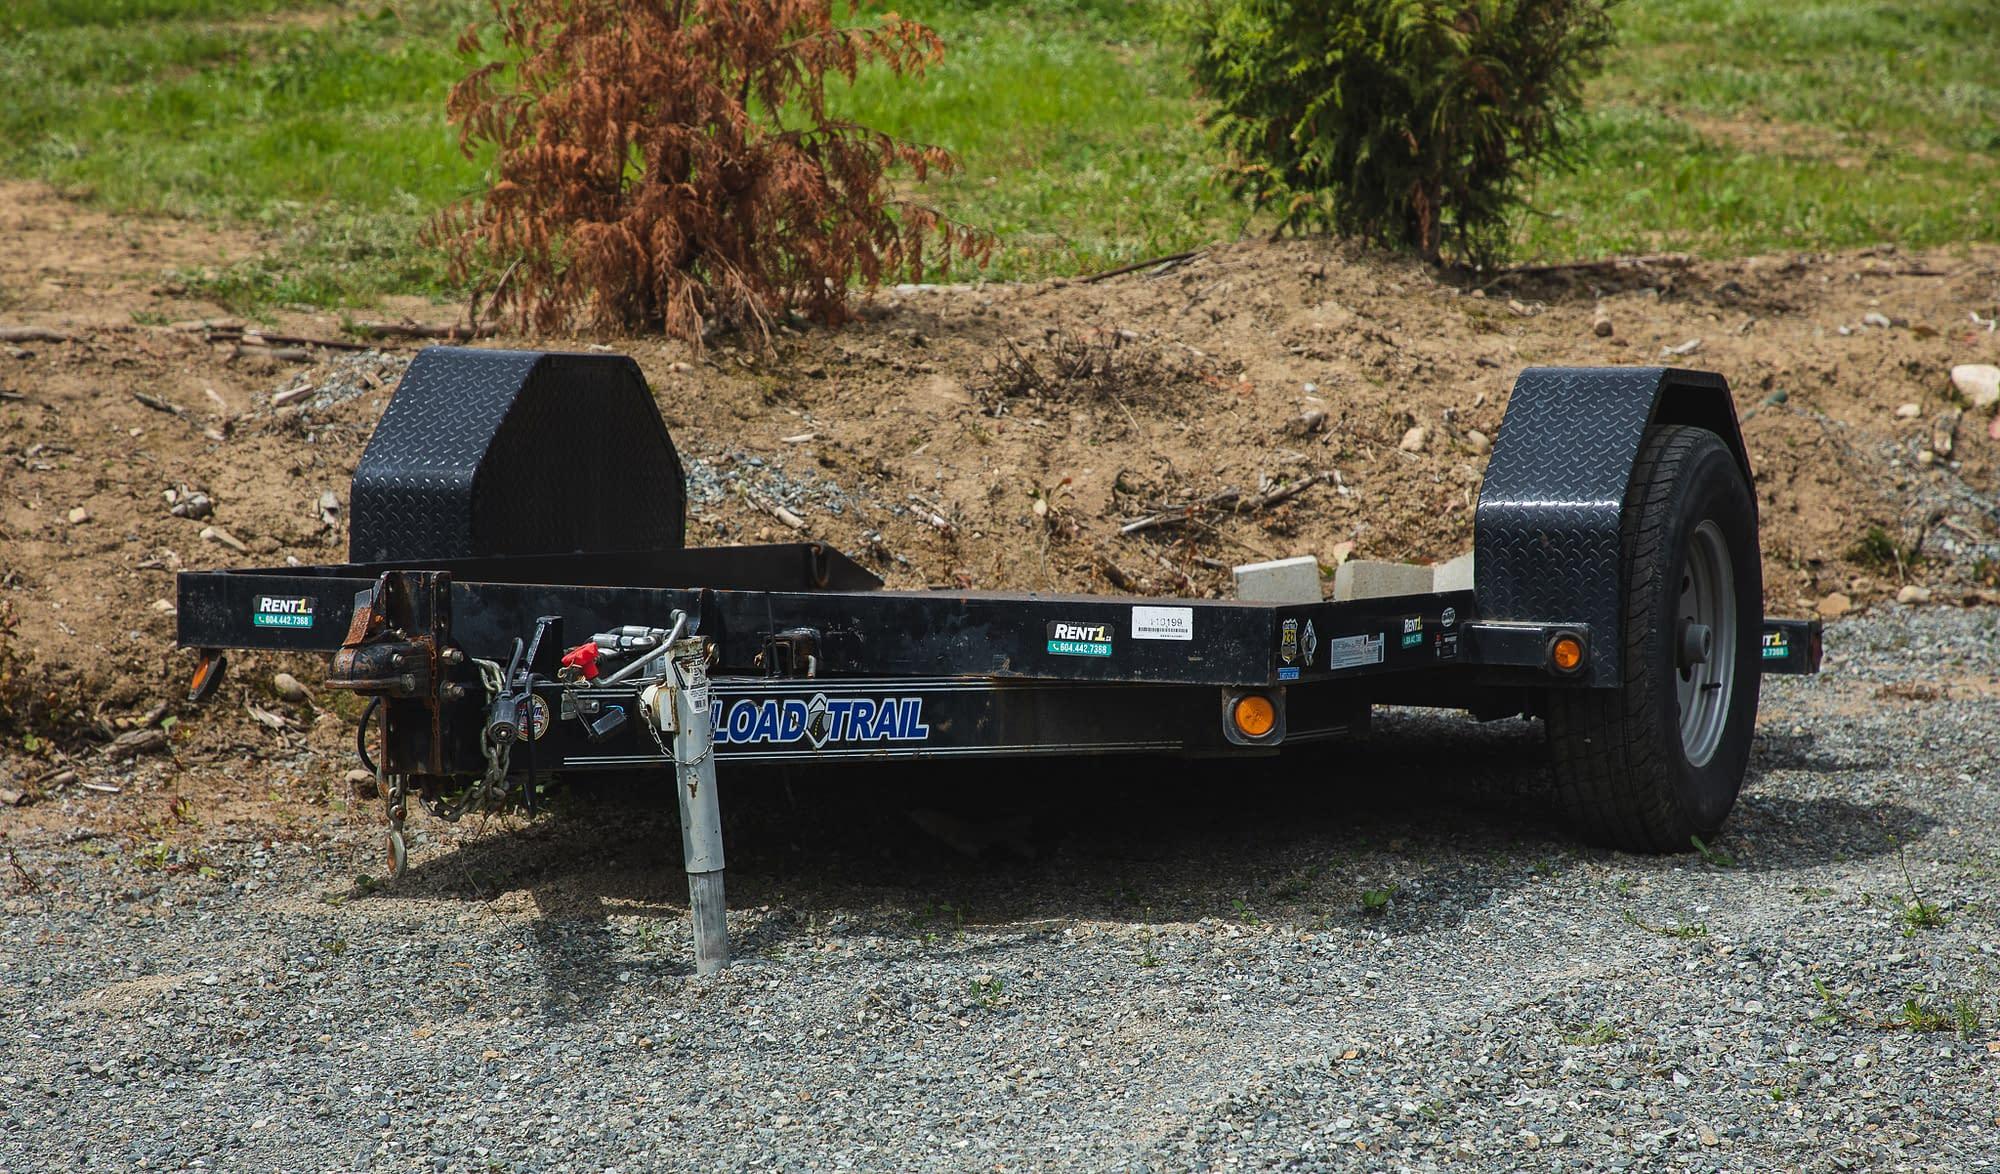 2016 Load Trail tilt deck trailer